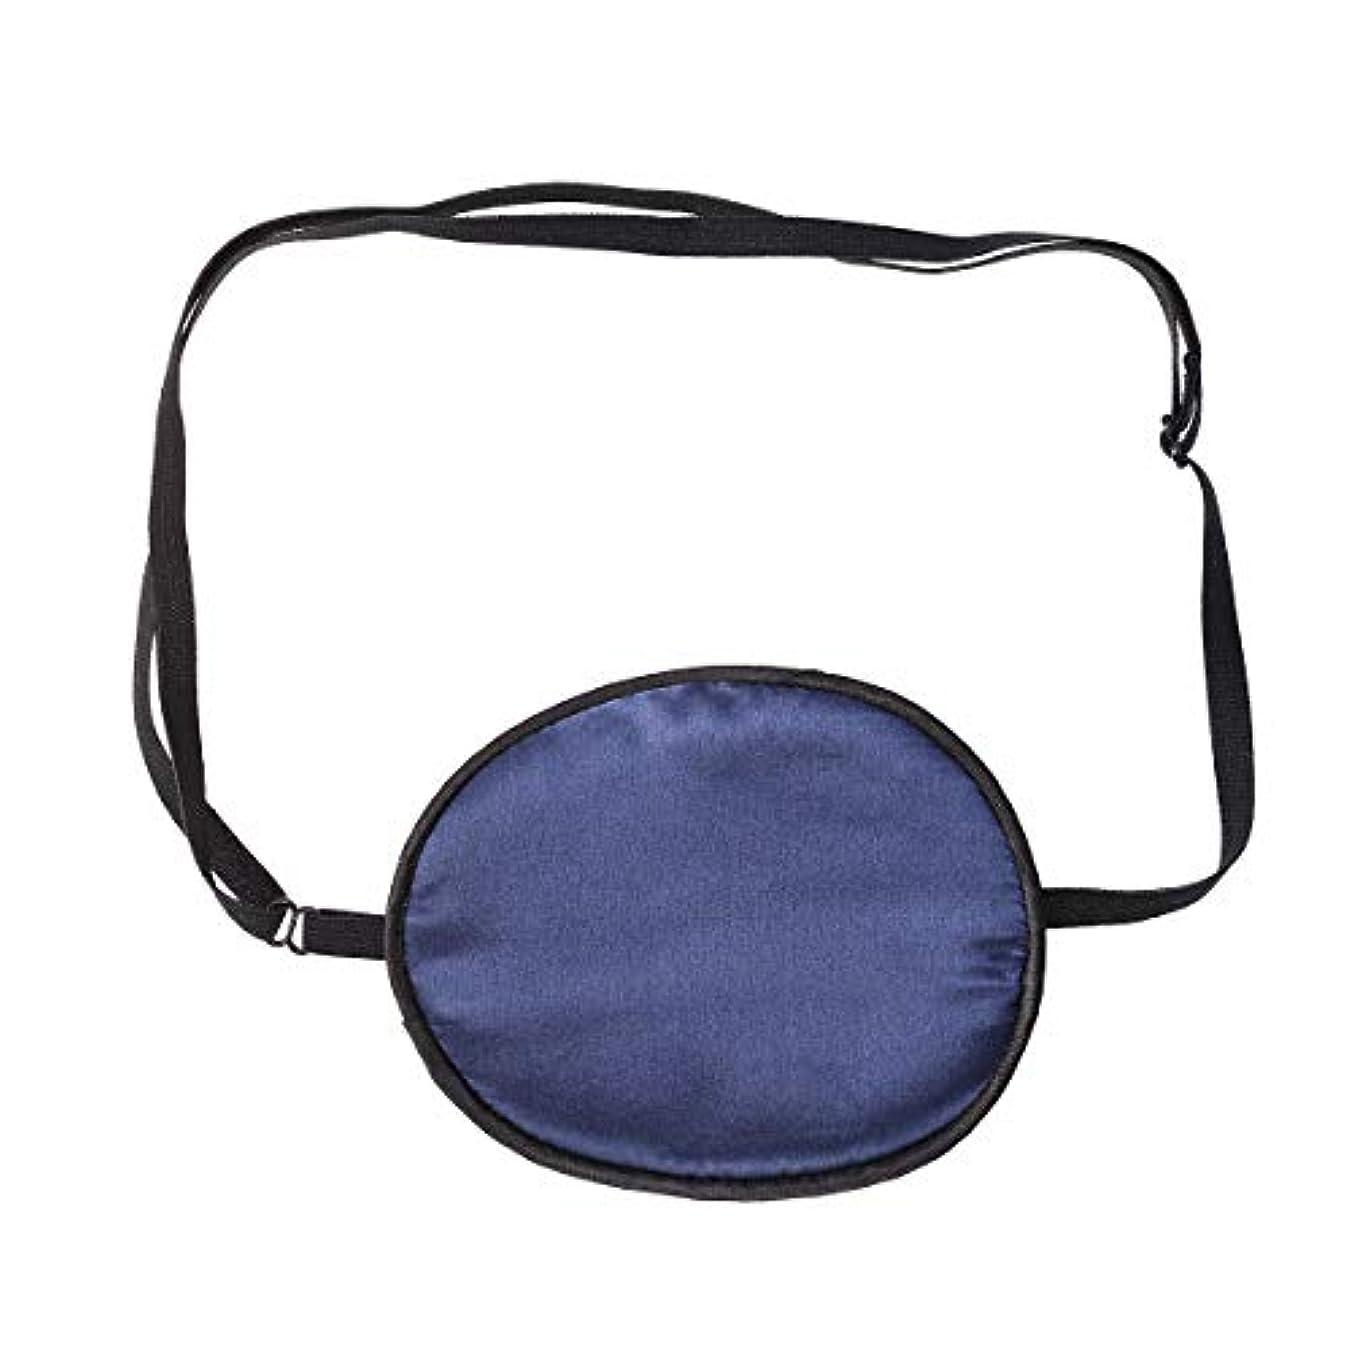 のど大通り共和党SUPVOX シルクアイパッチソフトで心地良い弾力のあるアイパッチ大人のための漏れのない滑らかな目の失明斜視(ネイビー)